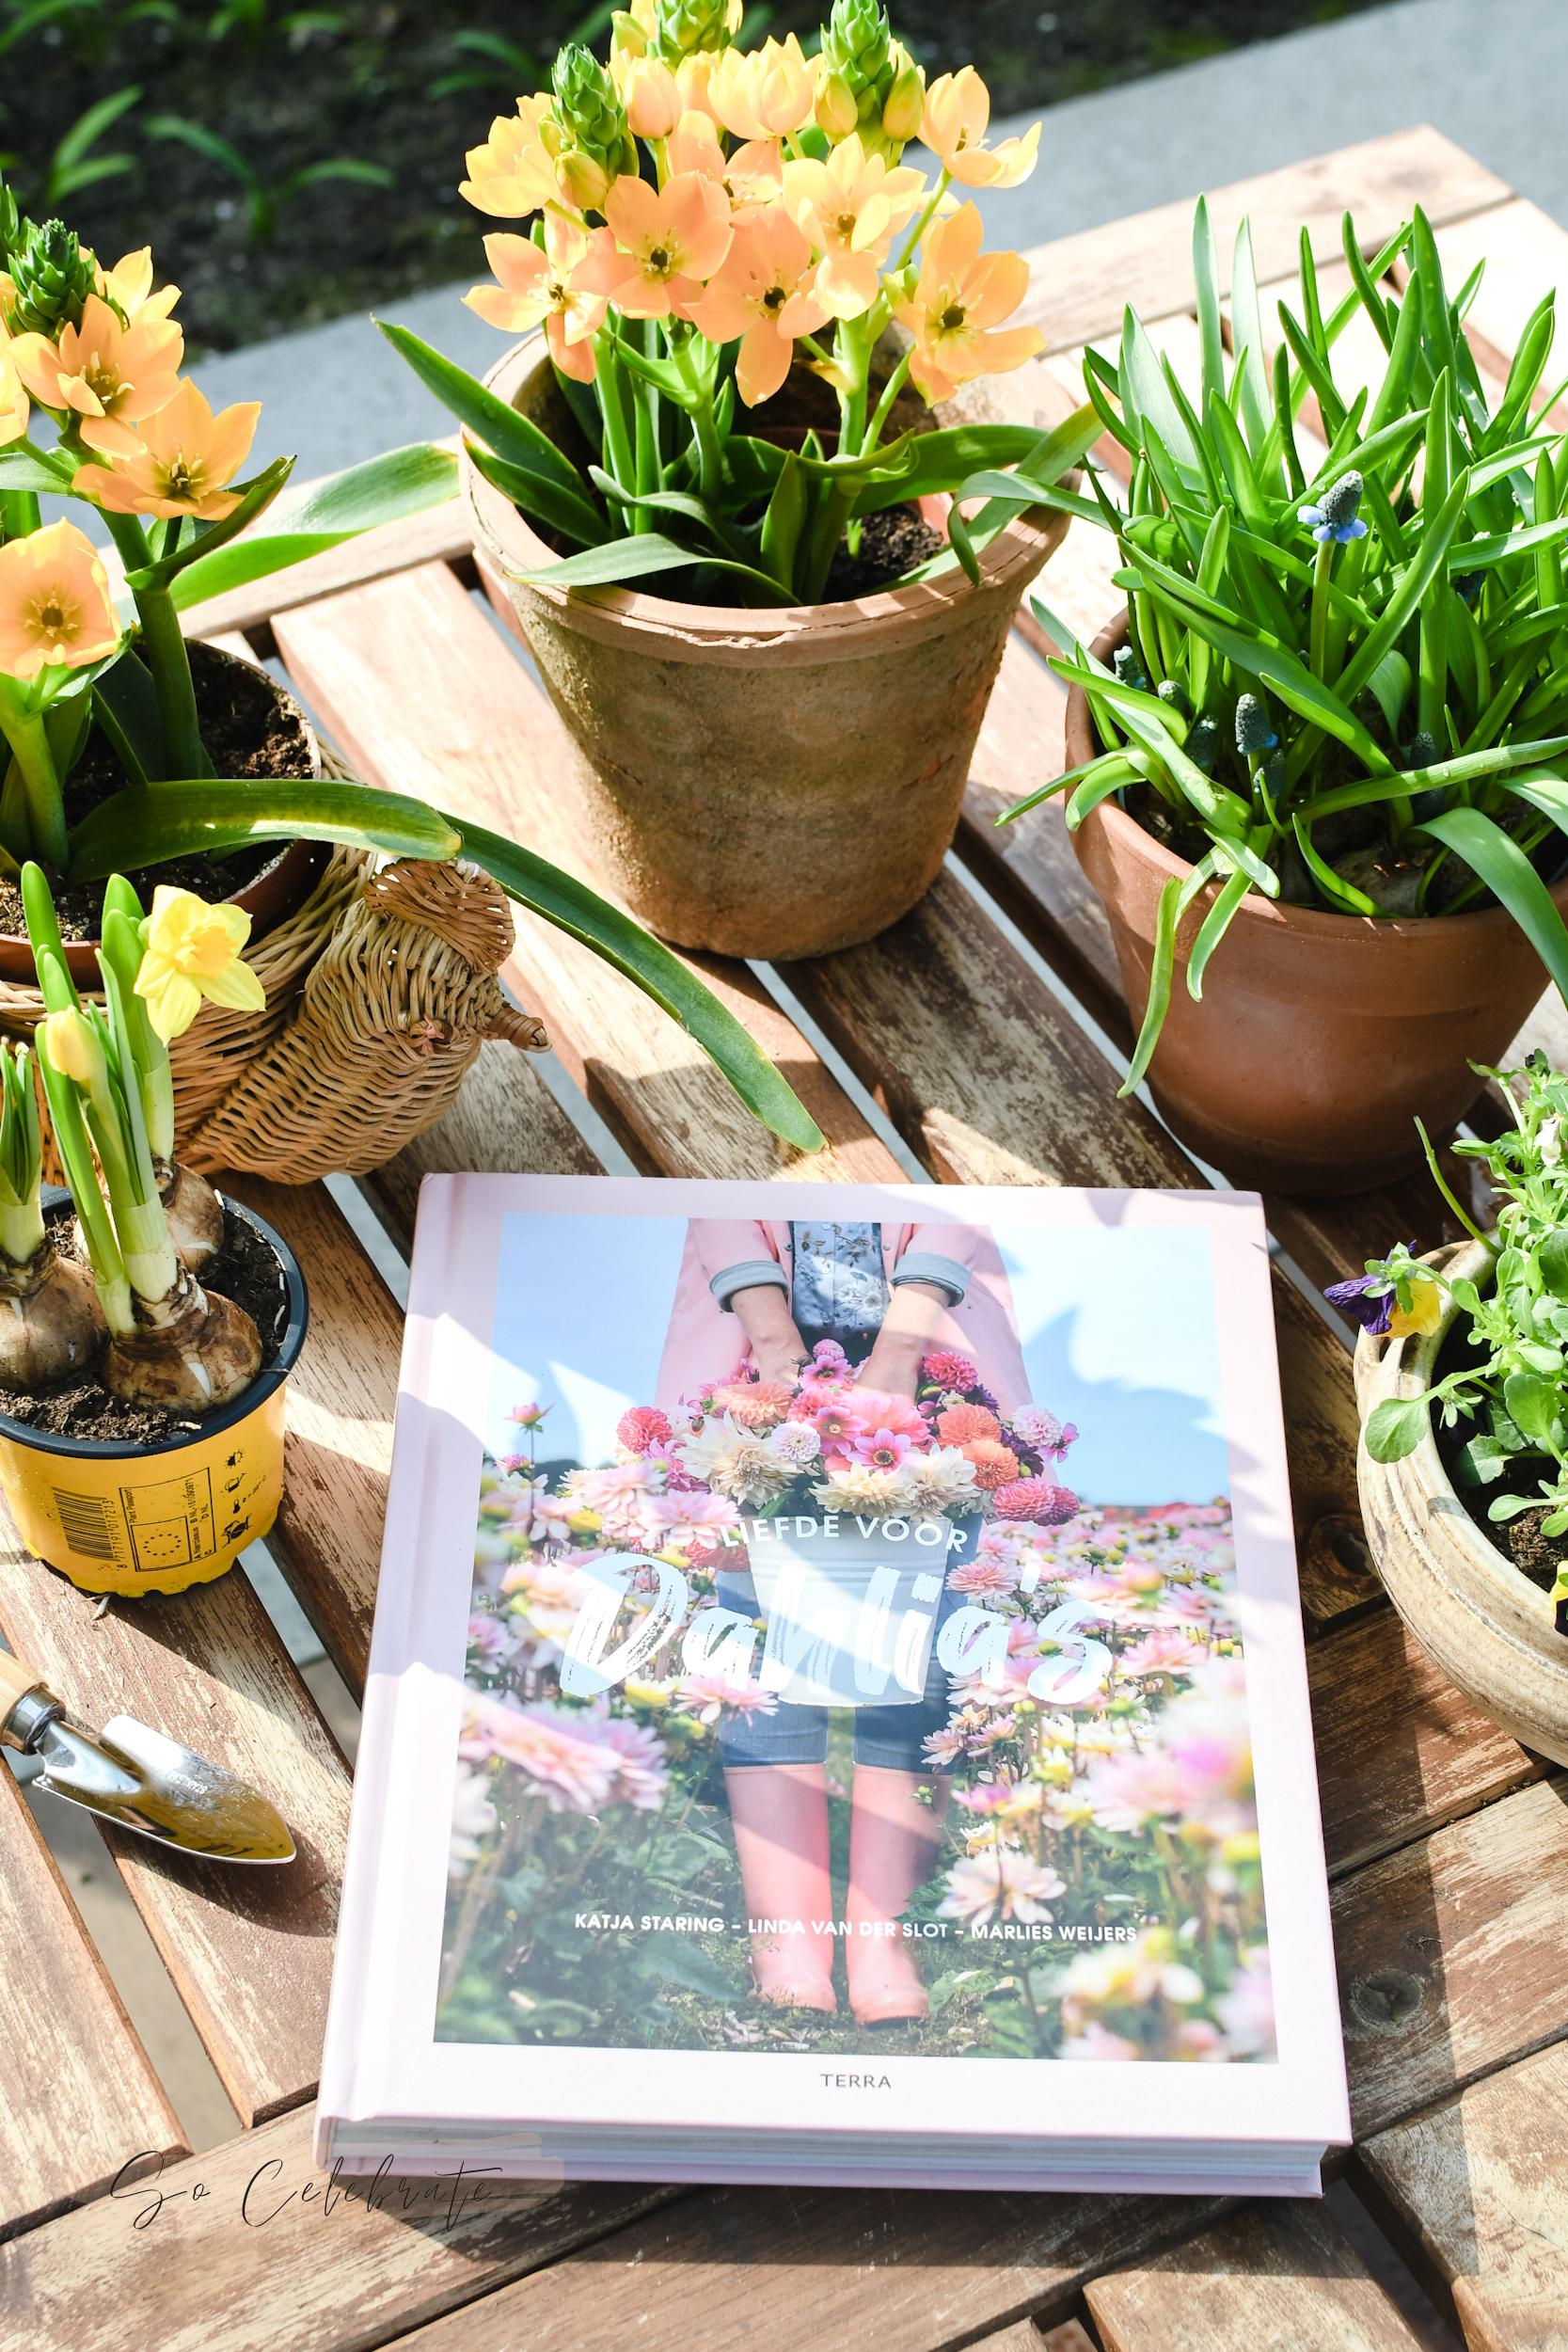 boeken over tuinieren en bloemen kweken 2021